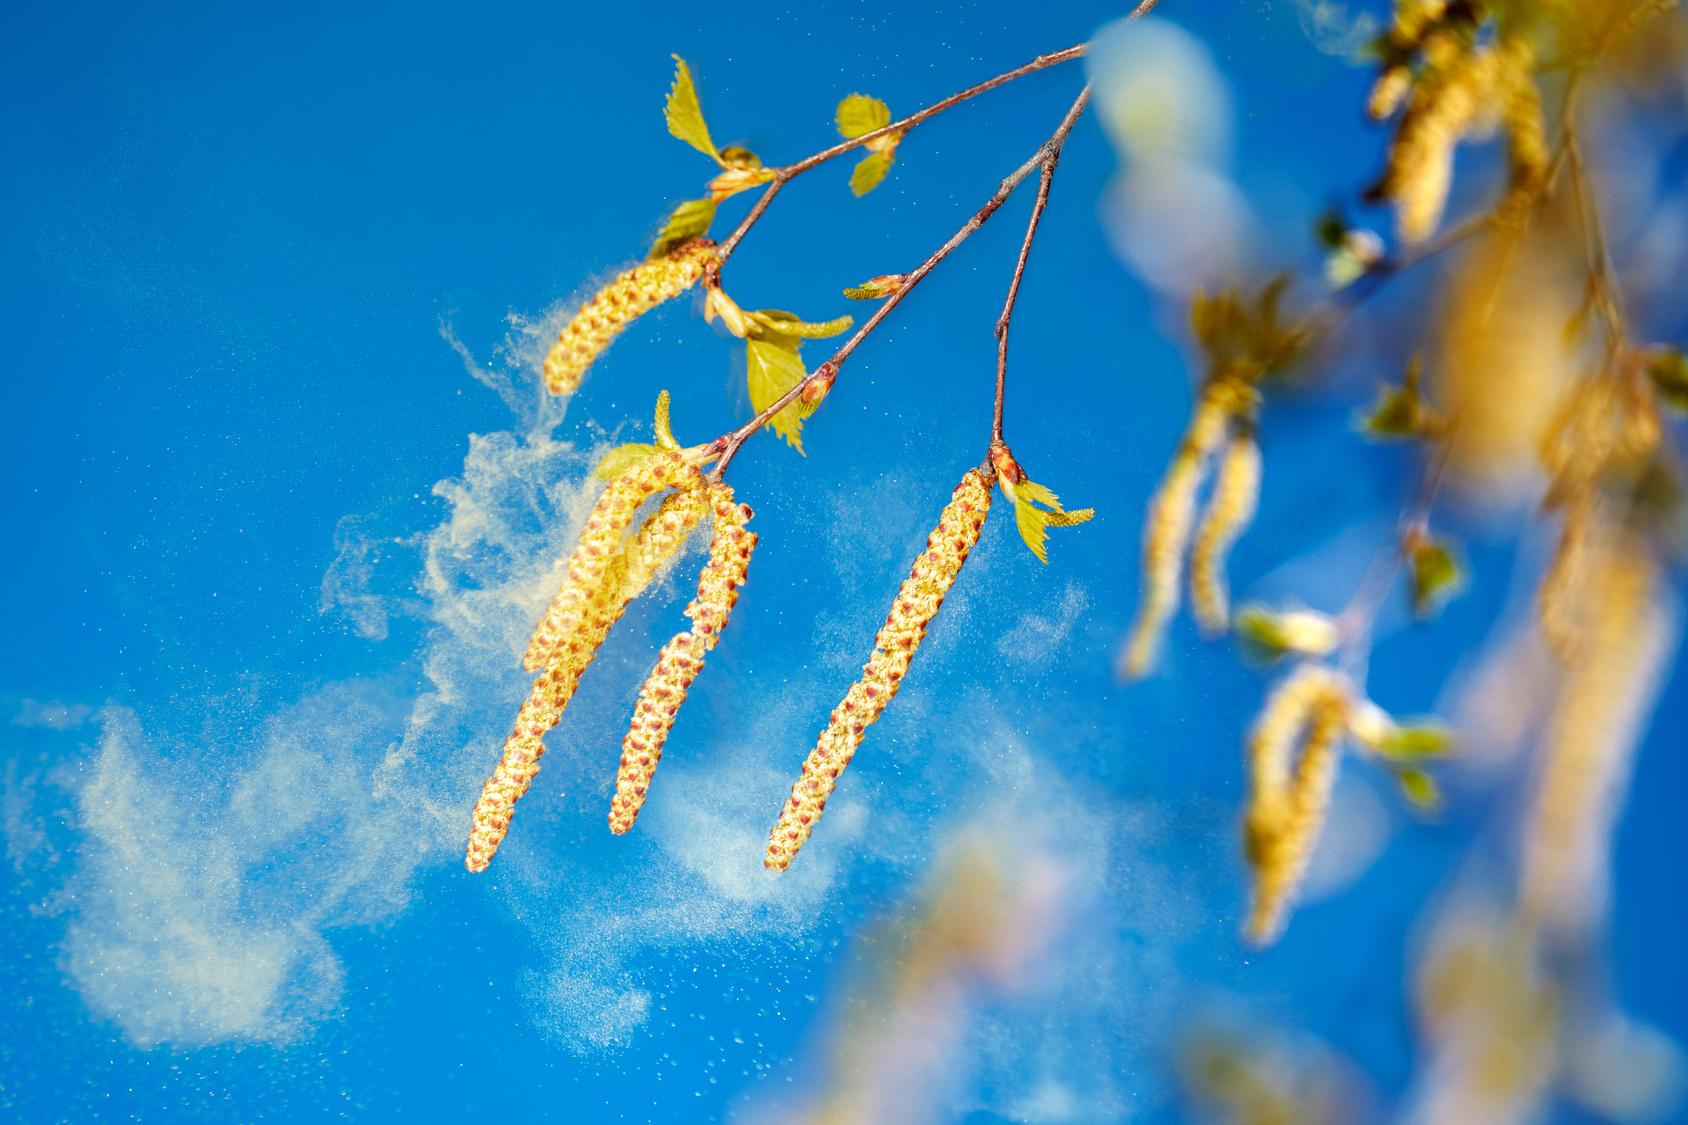 Nahaufnahme von Birkenblüten mit verdriftenden Birkenpollen vor blauem Himmel.